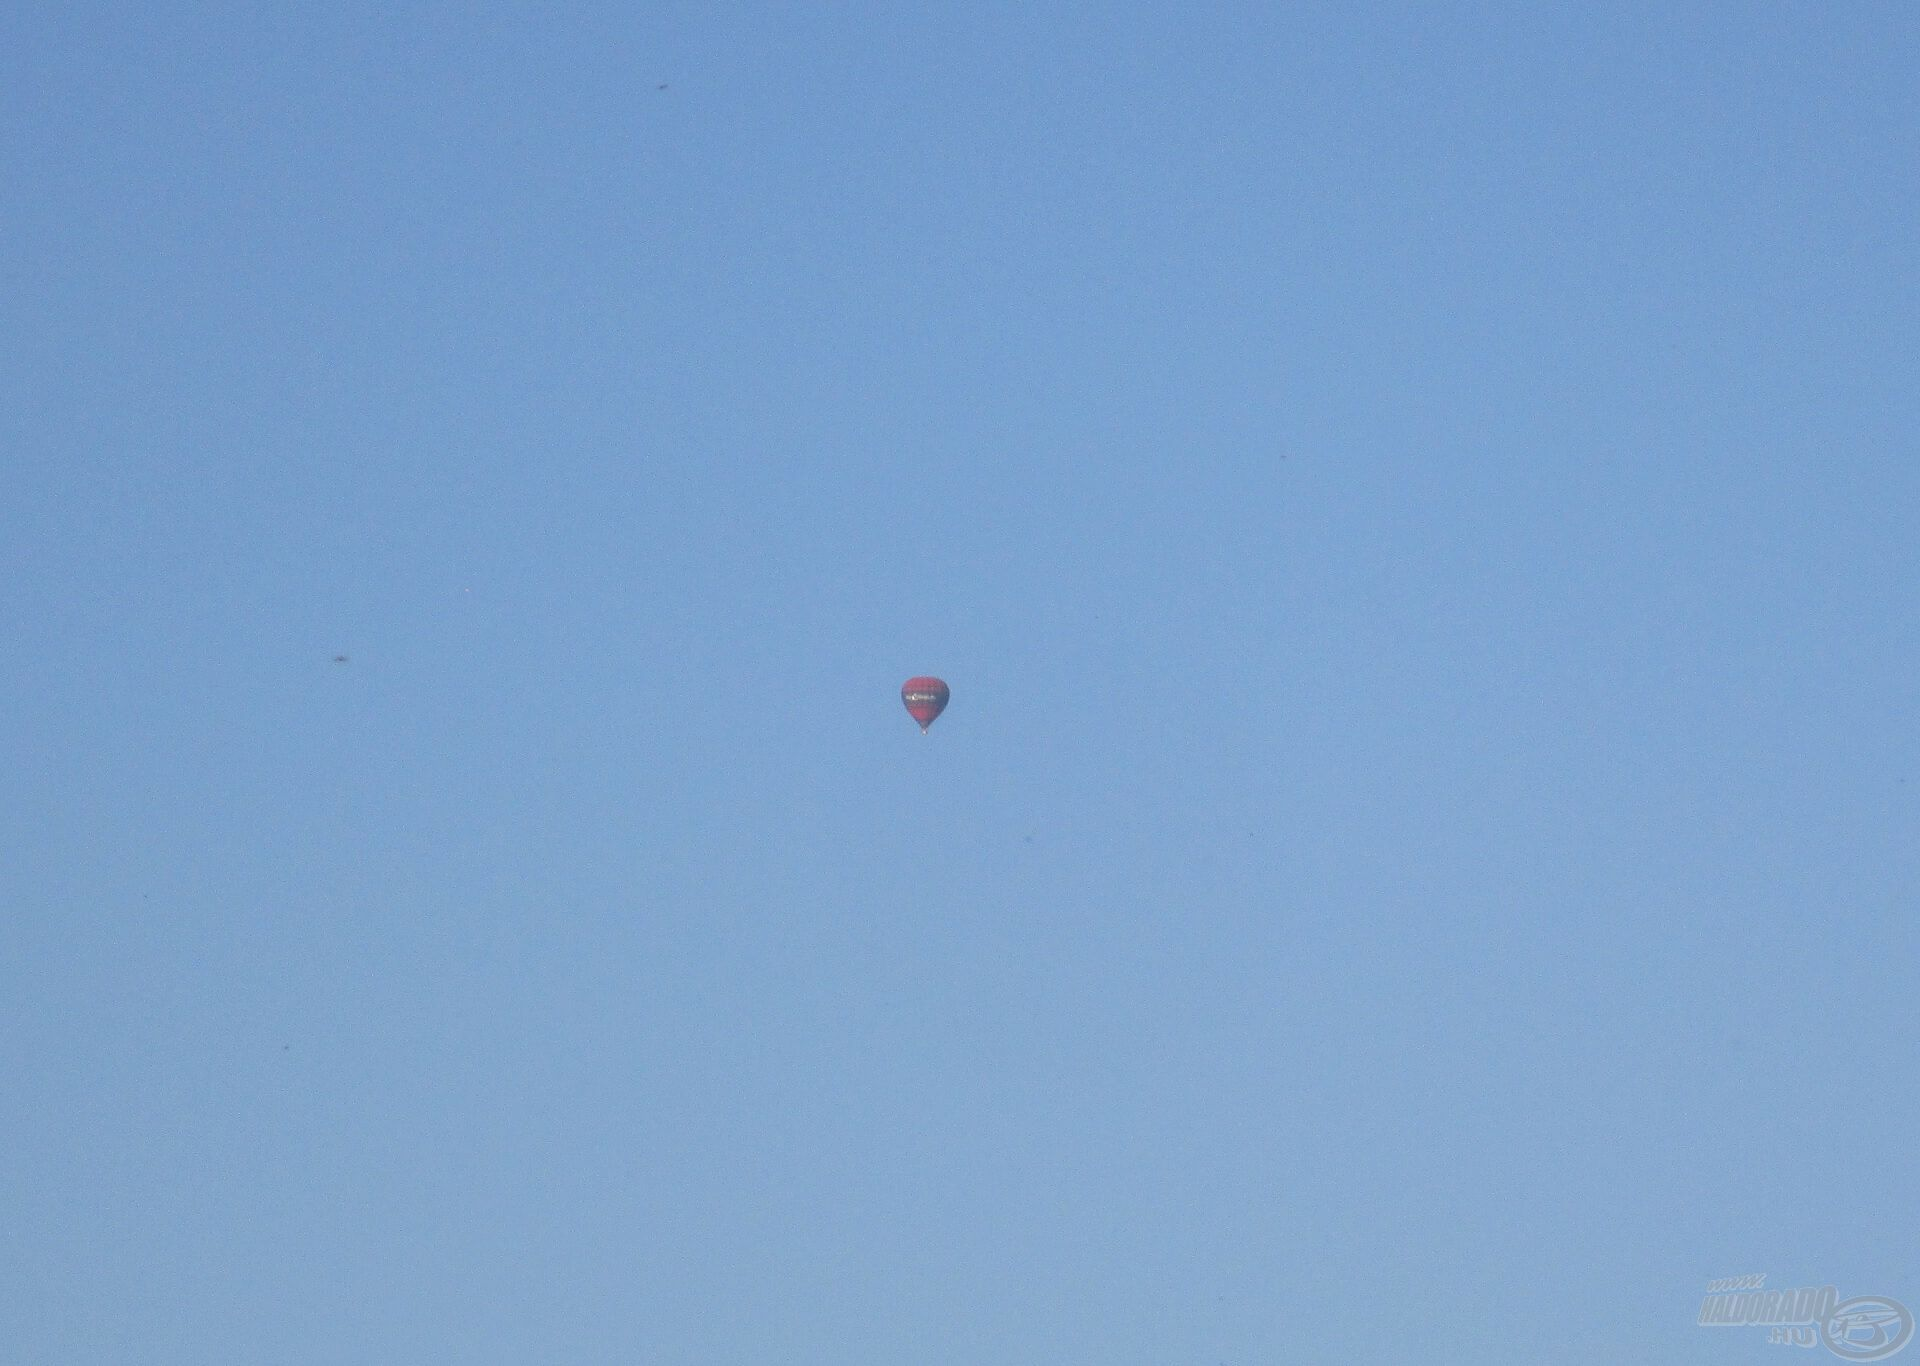 Vajon ez a hőlégballon milyen messze volt? Egy biztos, olyan felszerelést még nem találtak ki, amivel azt a távolságot meg lehetett volna dobni!